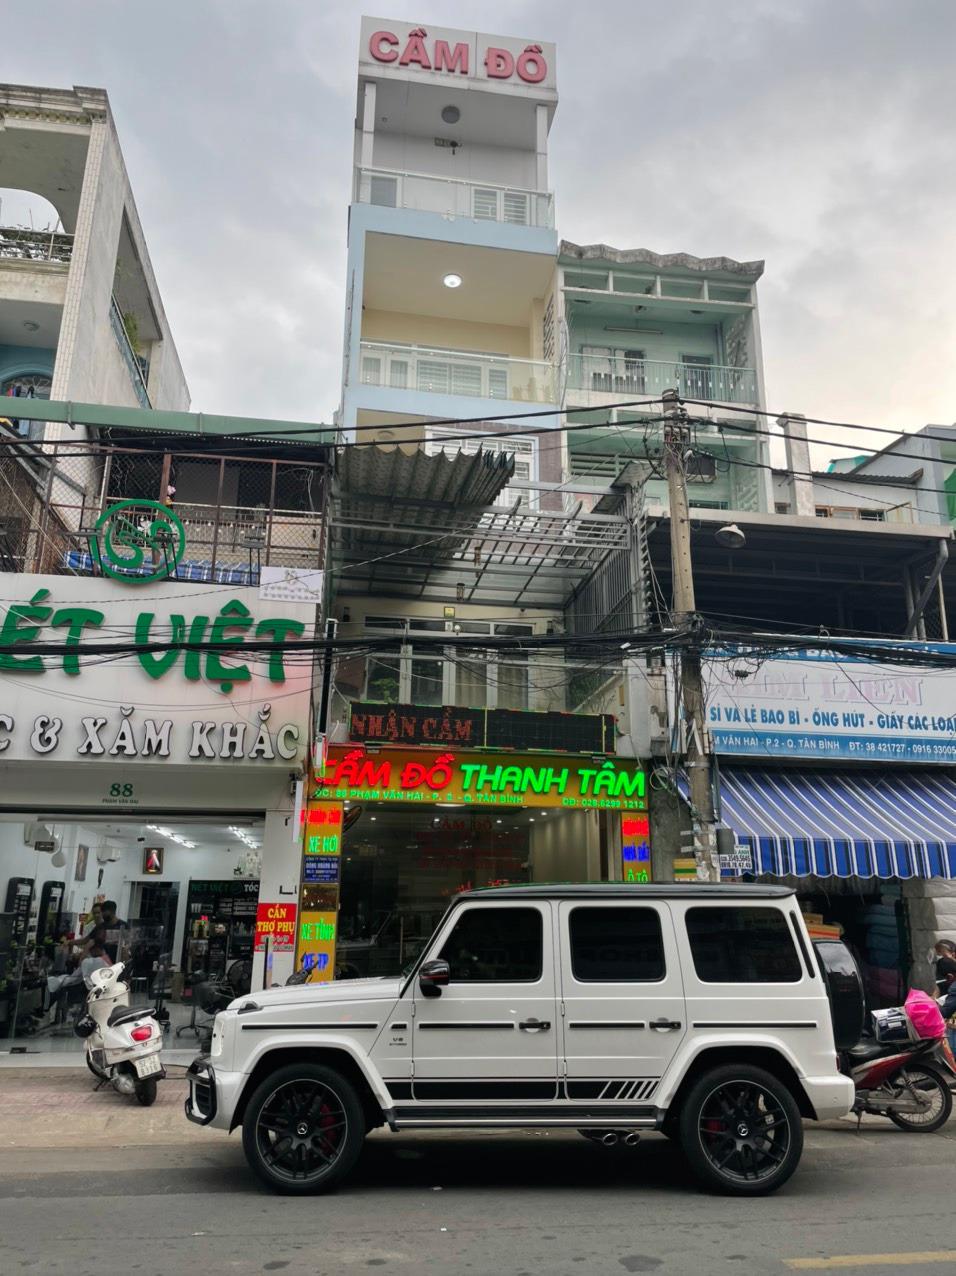 Văn phòng giao dịch camdoxeoto.com tại 86 Phạm Văn Hai, Tân Bình, HCM.